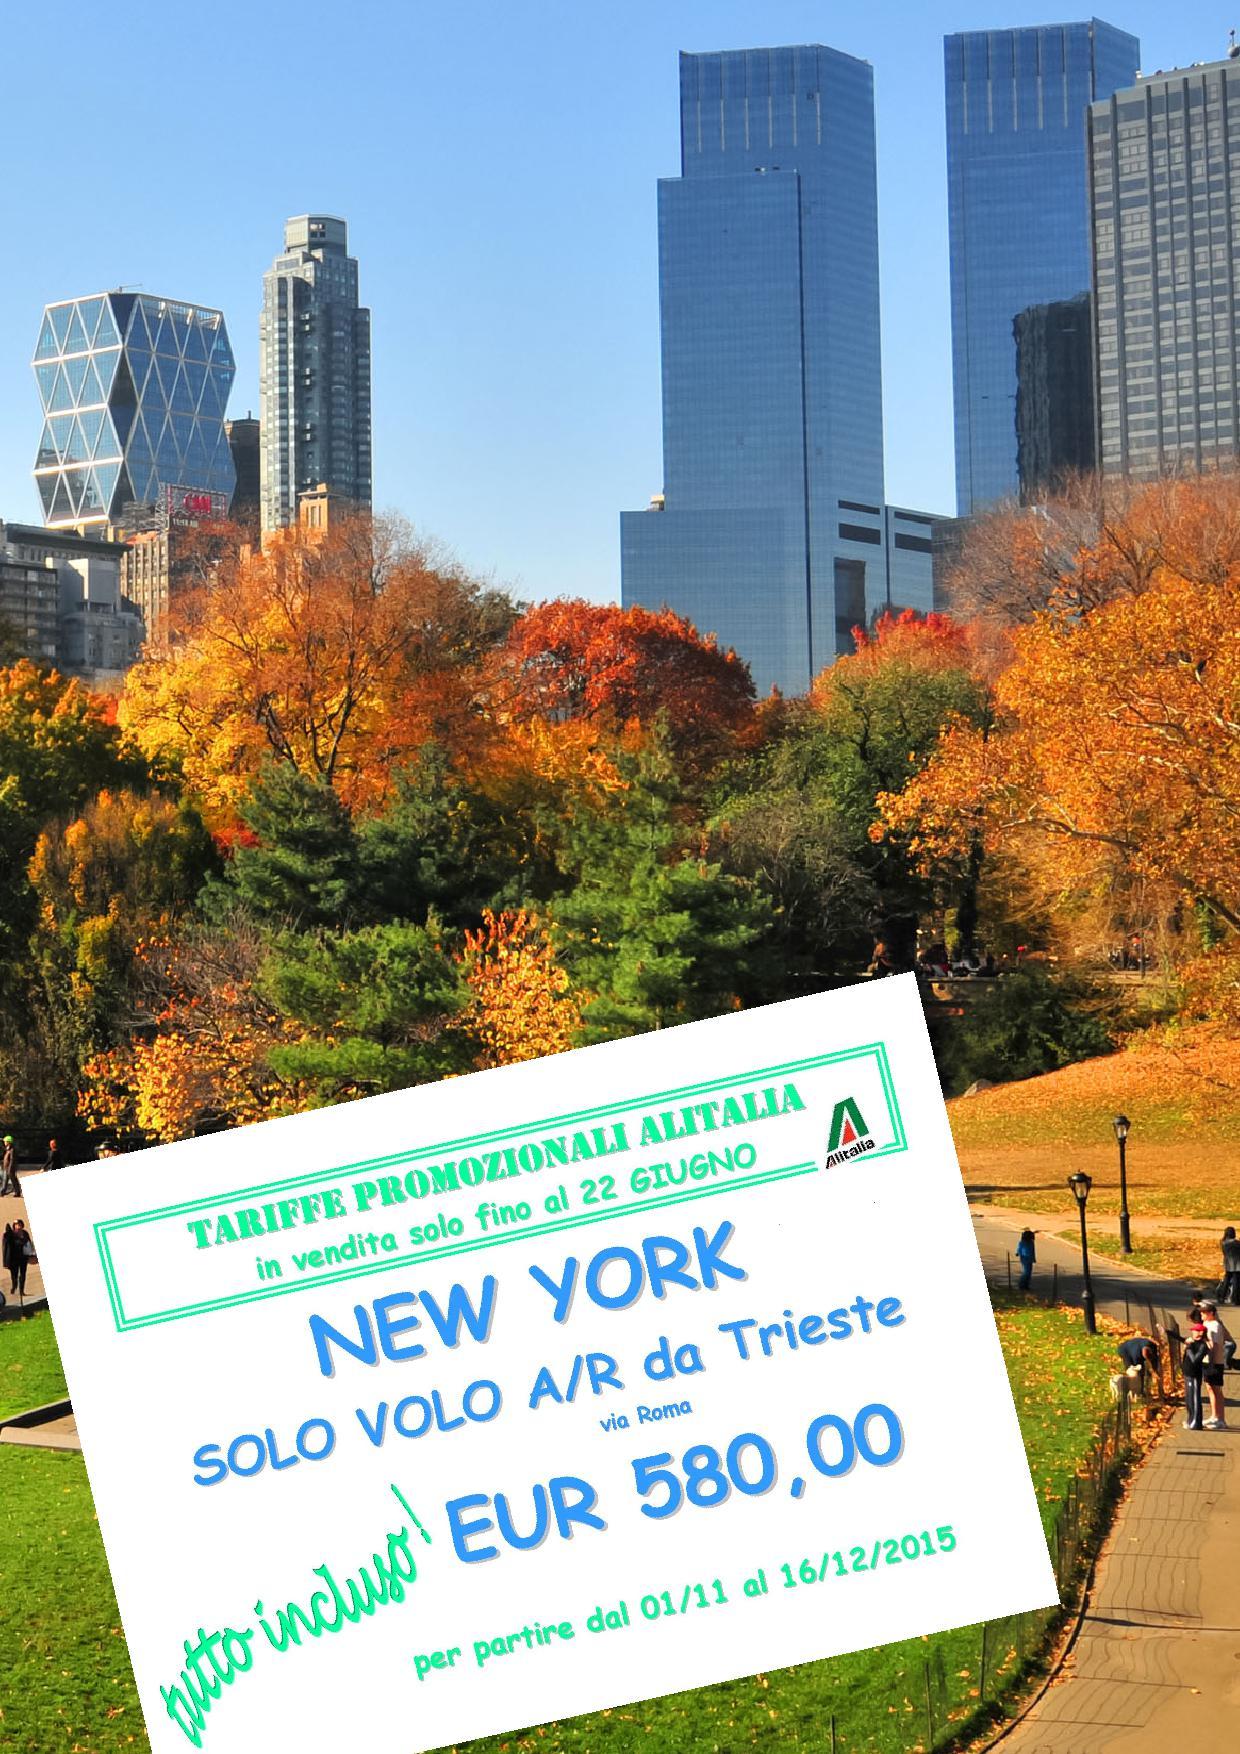 New york agenzia di viaggi for Pacchetti volo e soggiorno new york